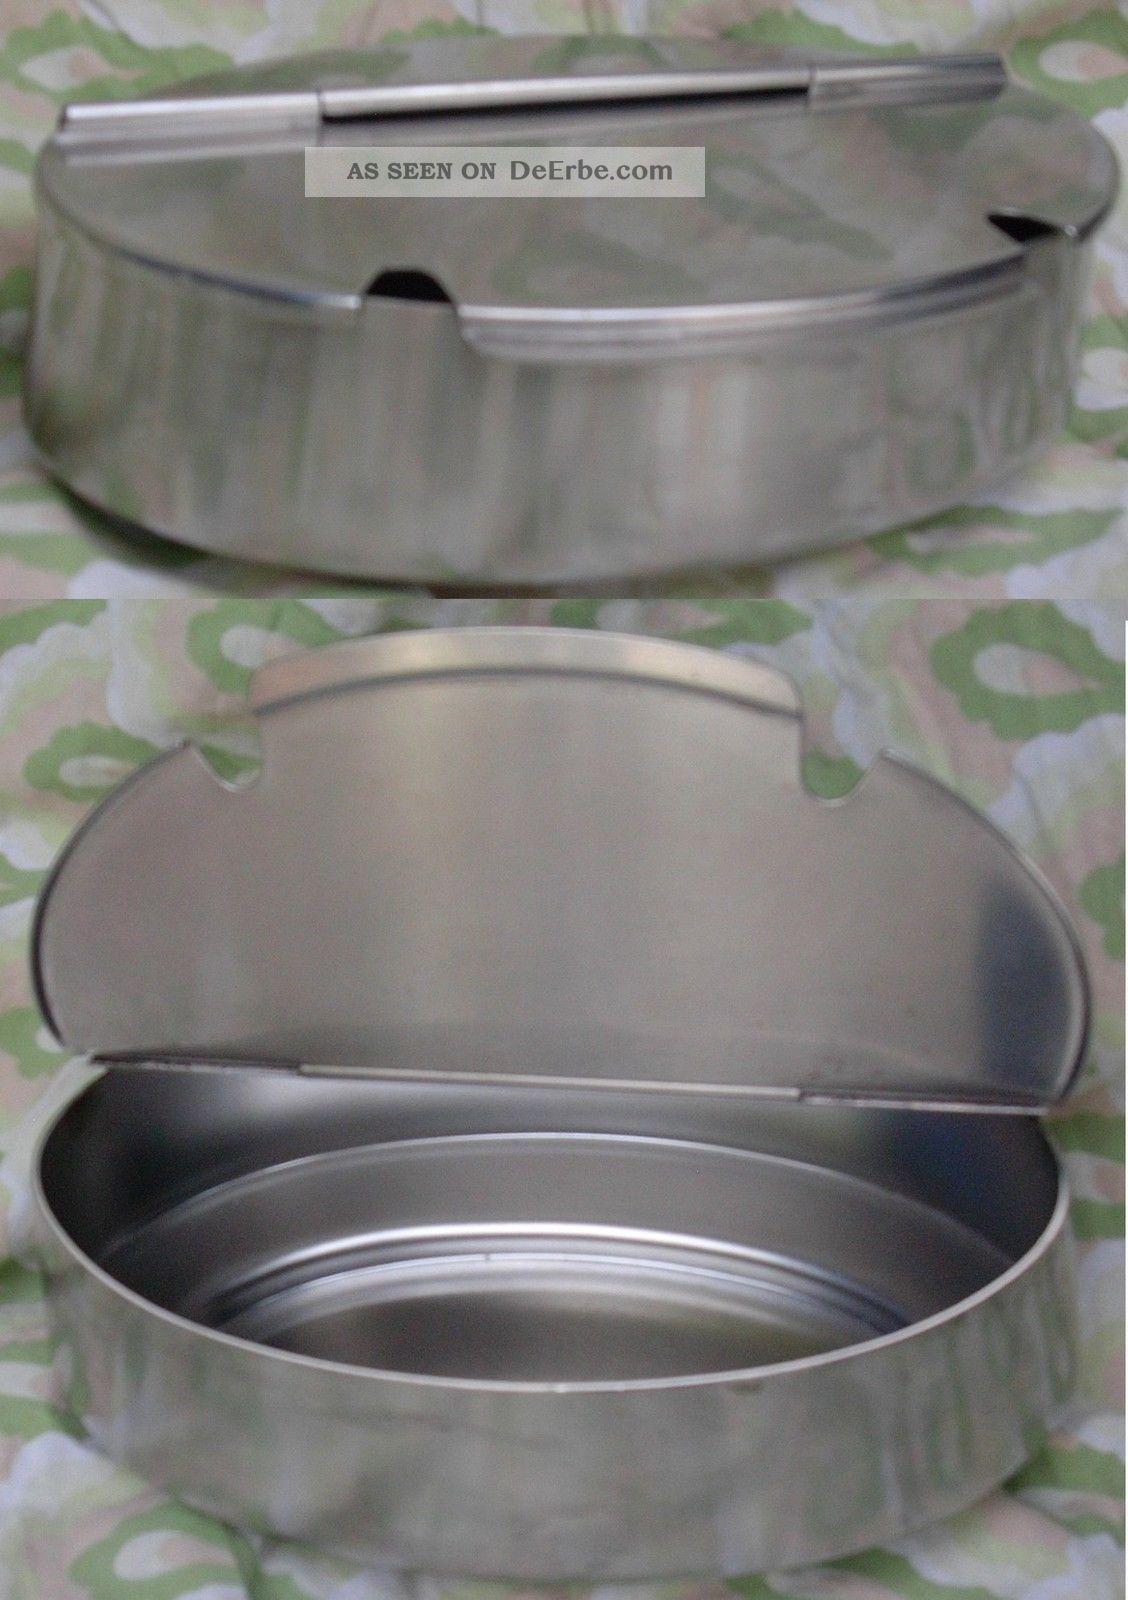 Alessi Zuckerdose alessi zuckerdose oval mod 50 sugar box sottsass u technico alfra